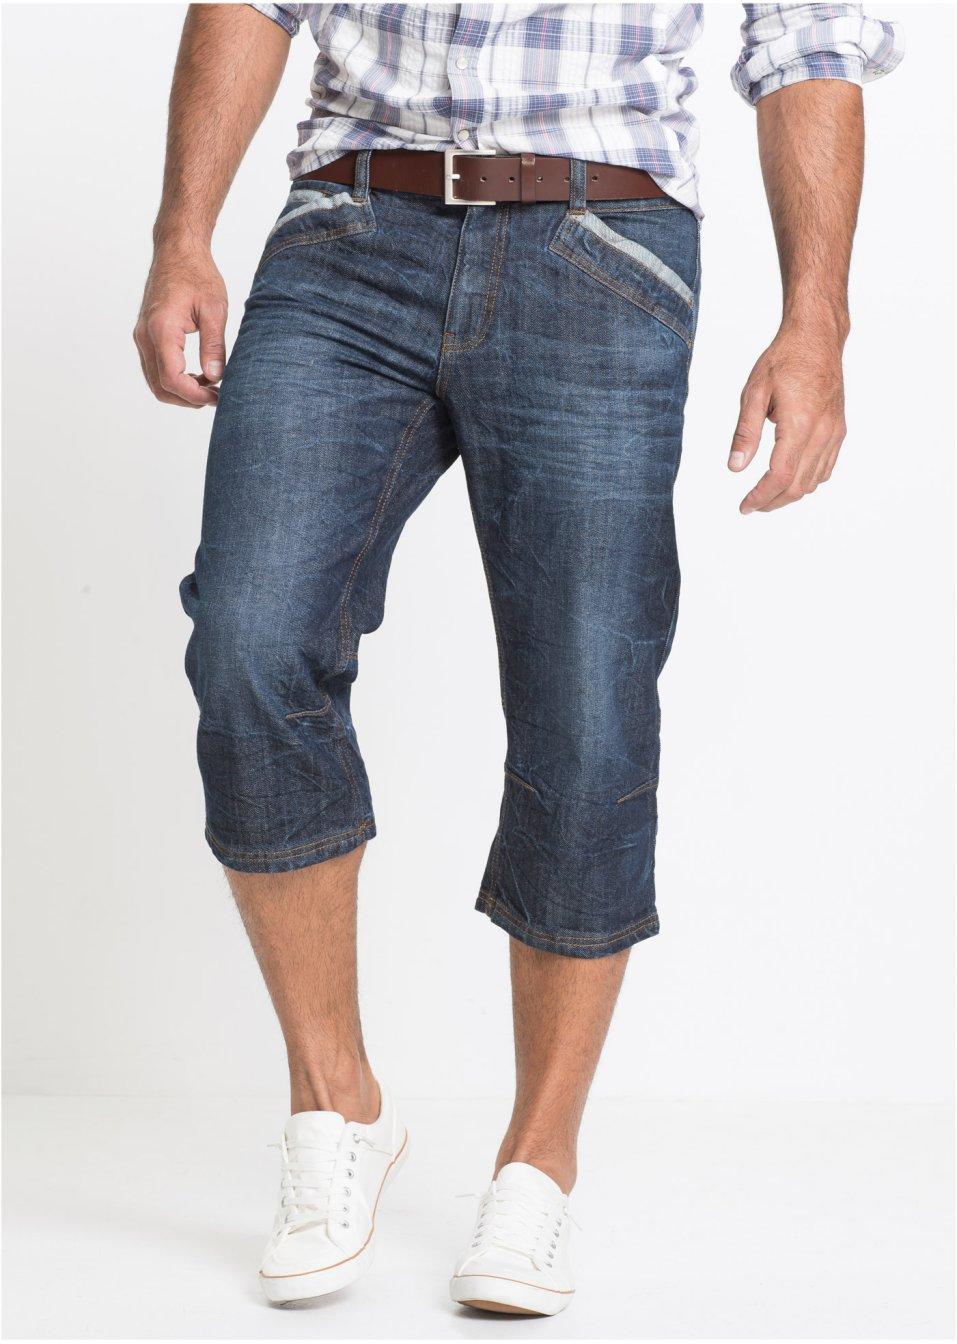 Markante Jeans in 3 4-Länge und Knitteroptik mit Kontrasteinsätzen -  dunkelblau used, N-Größe e515a0ce67